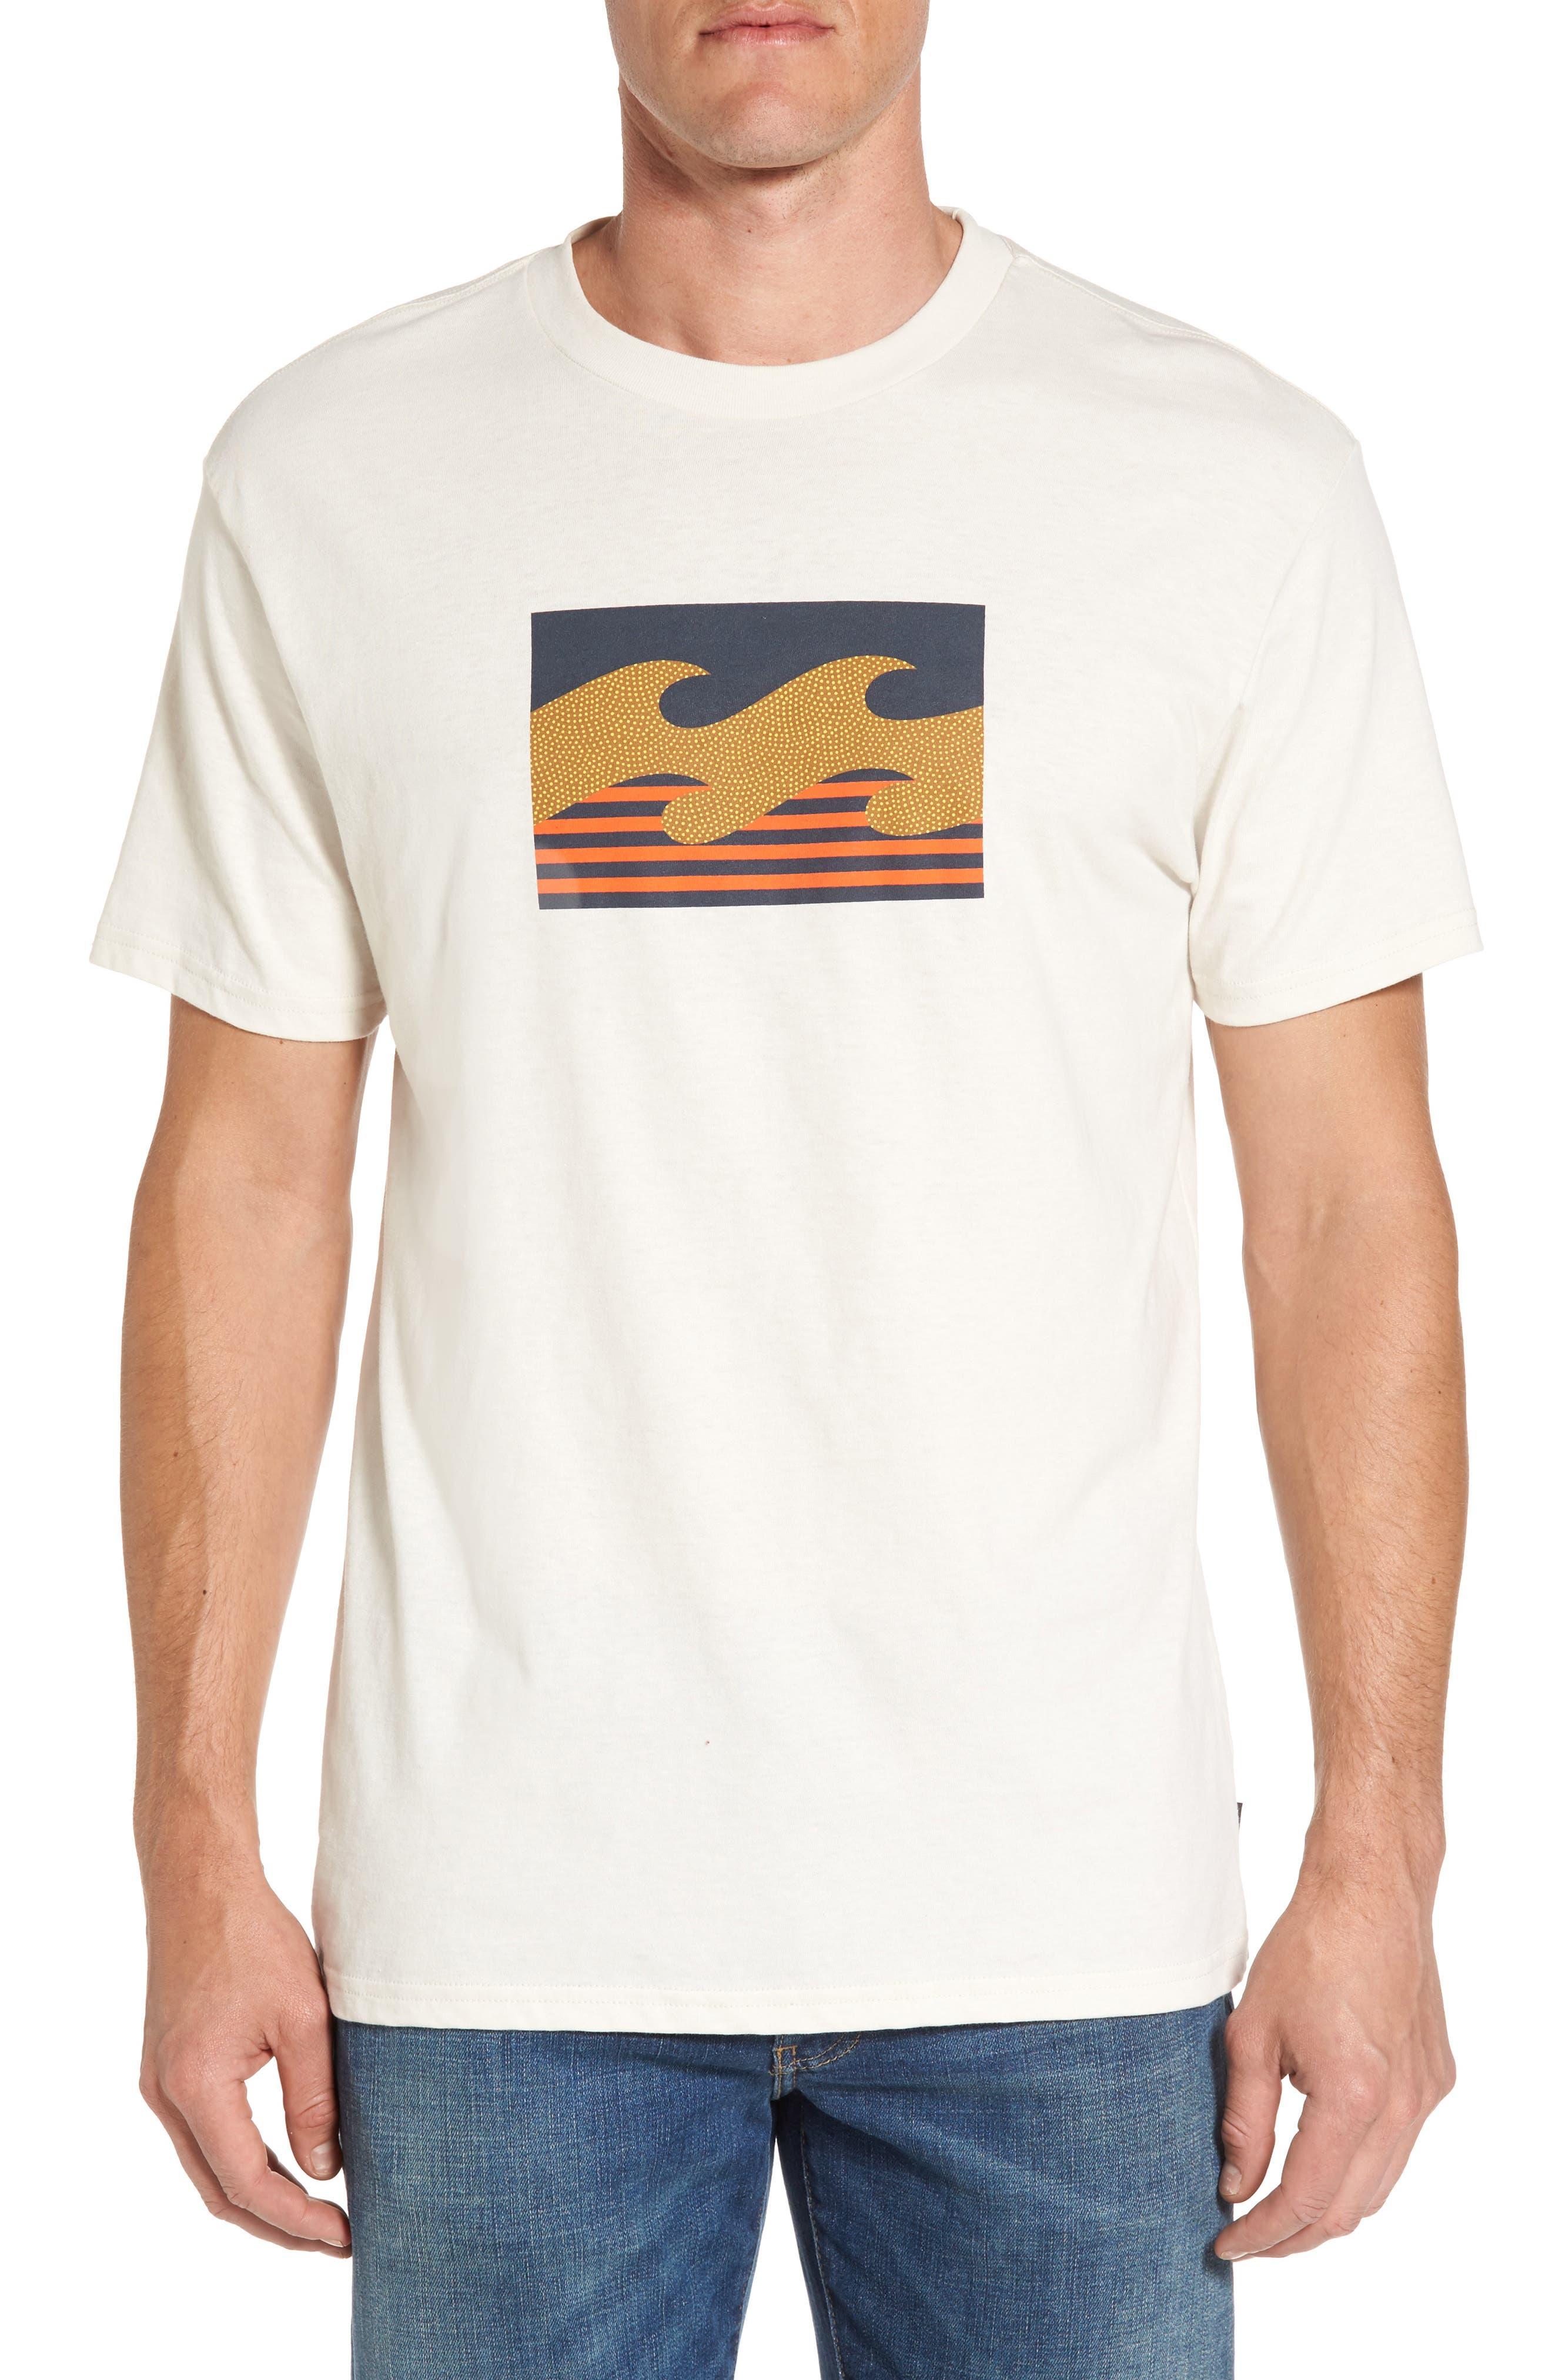 Billabong Team Wave Graphic T-Shirt